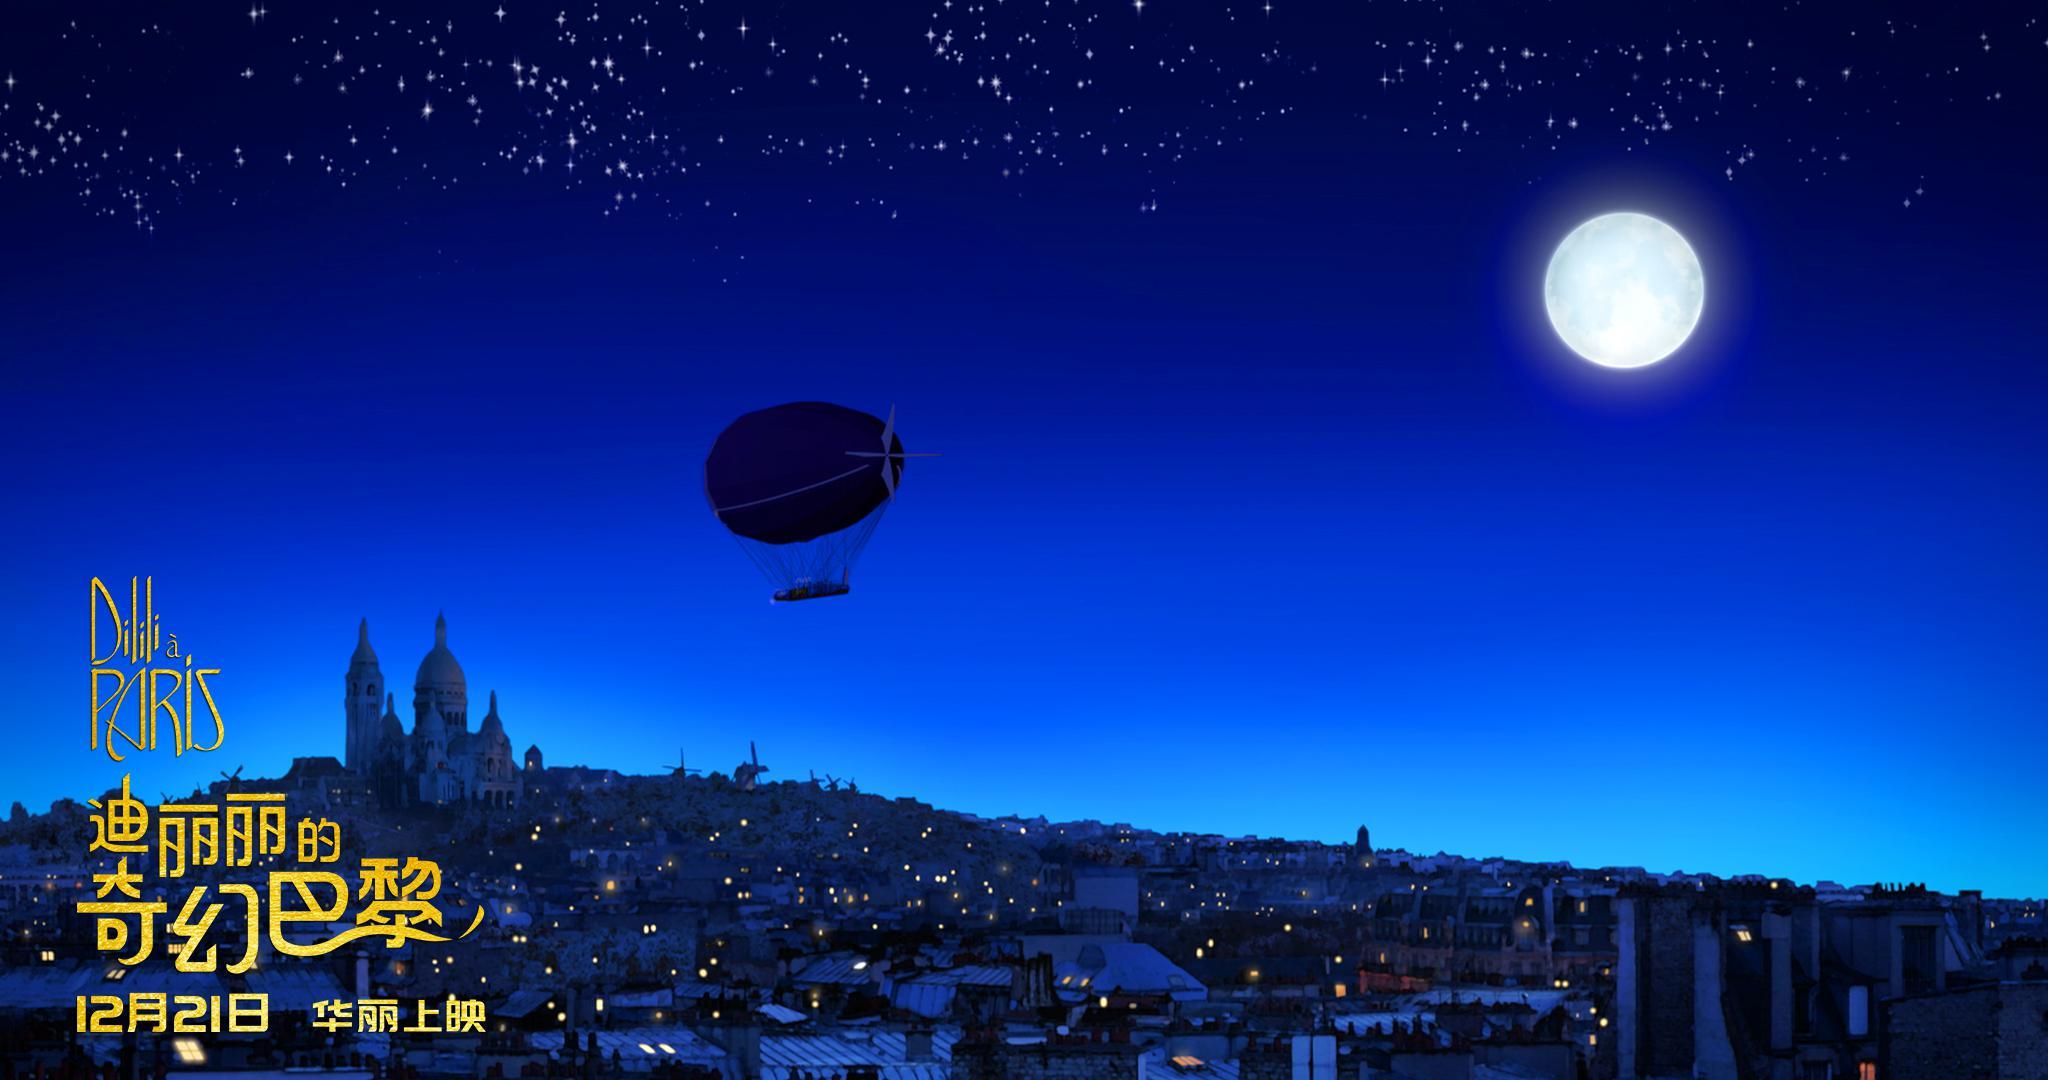 电影《迪丽丽的奇幻巴黎》展现巴黎盛景奇观